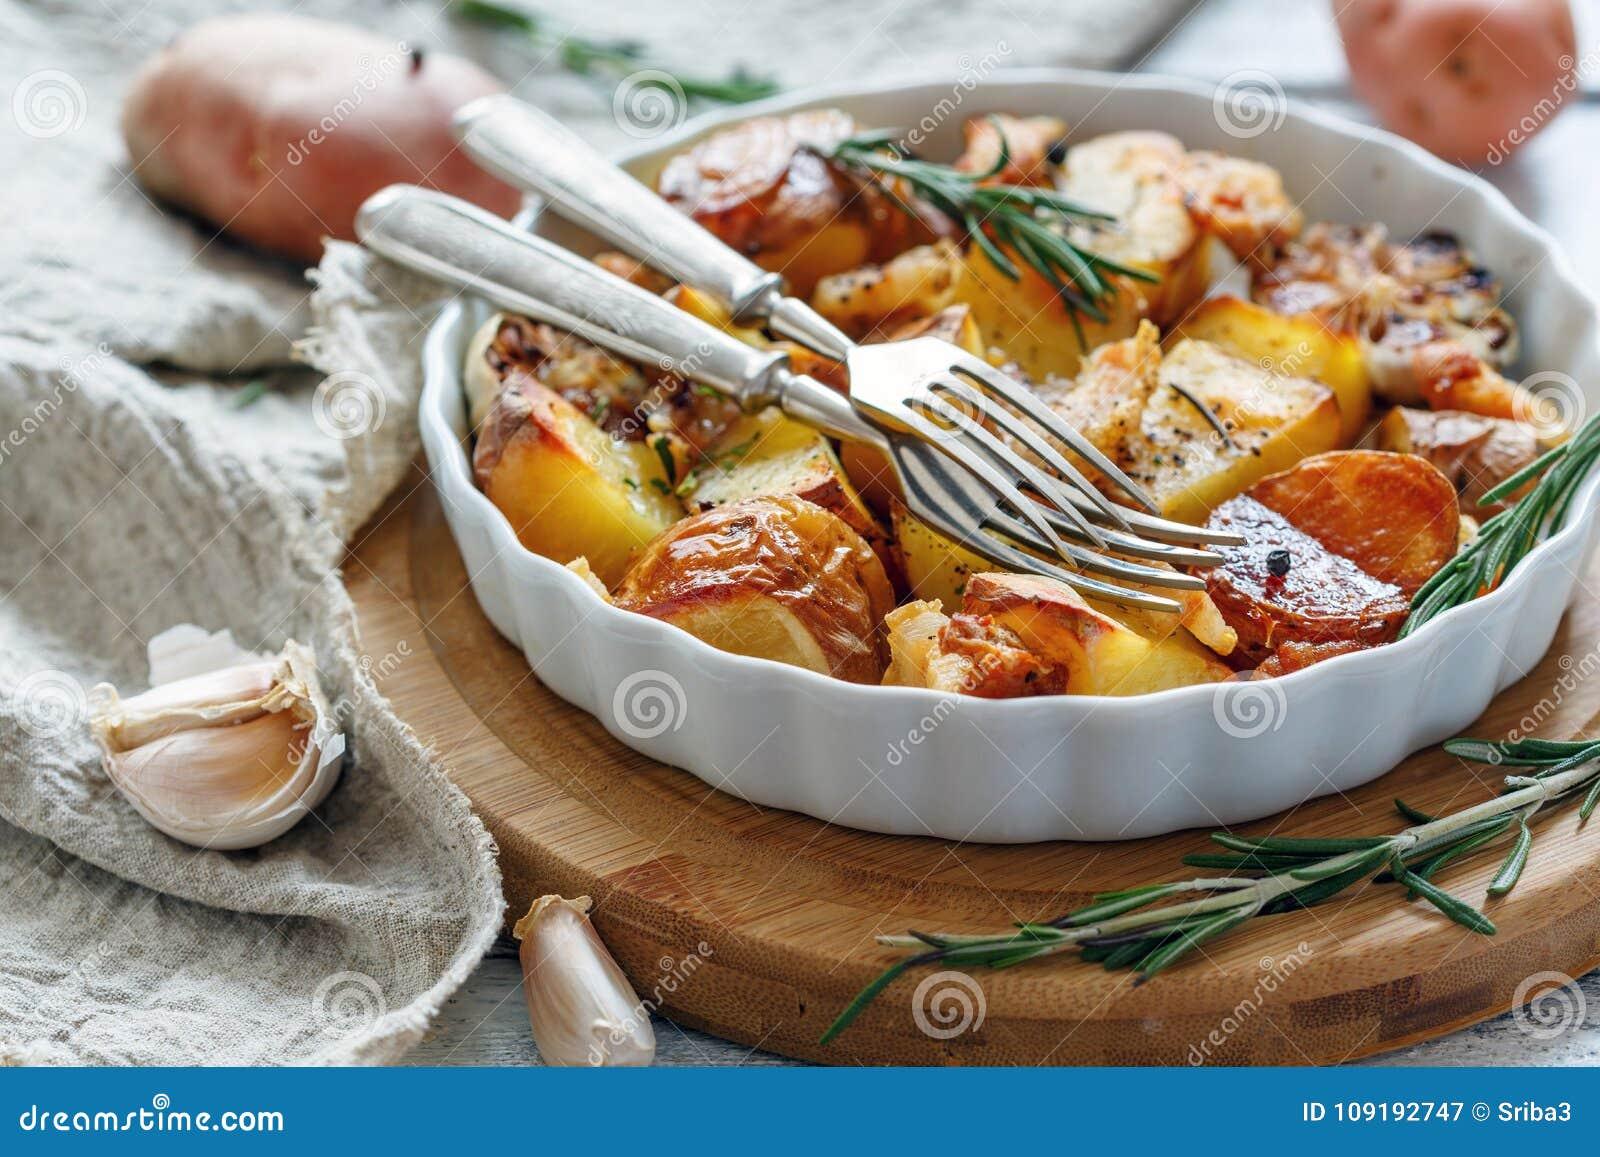 Patate al forno con bacon e rosmarini